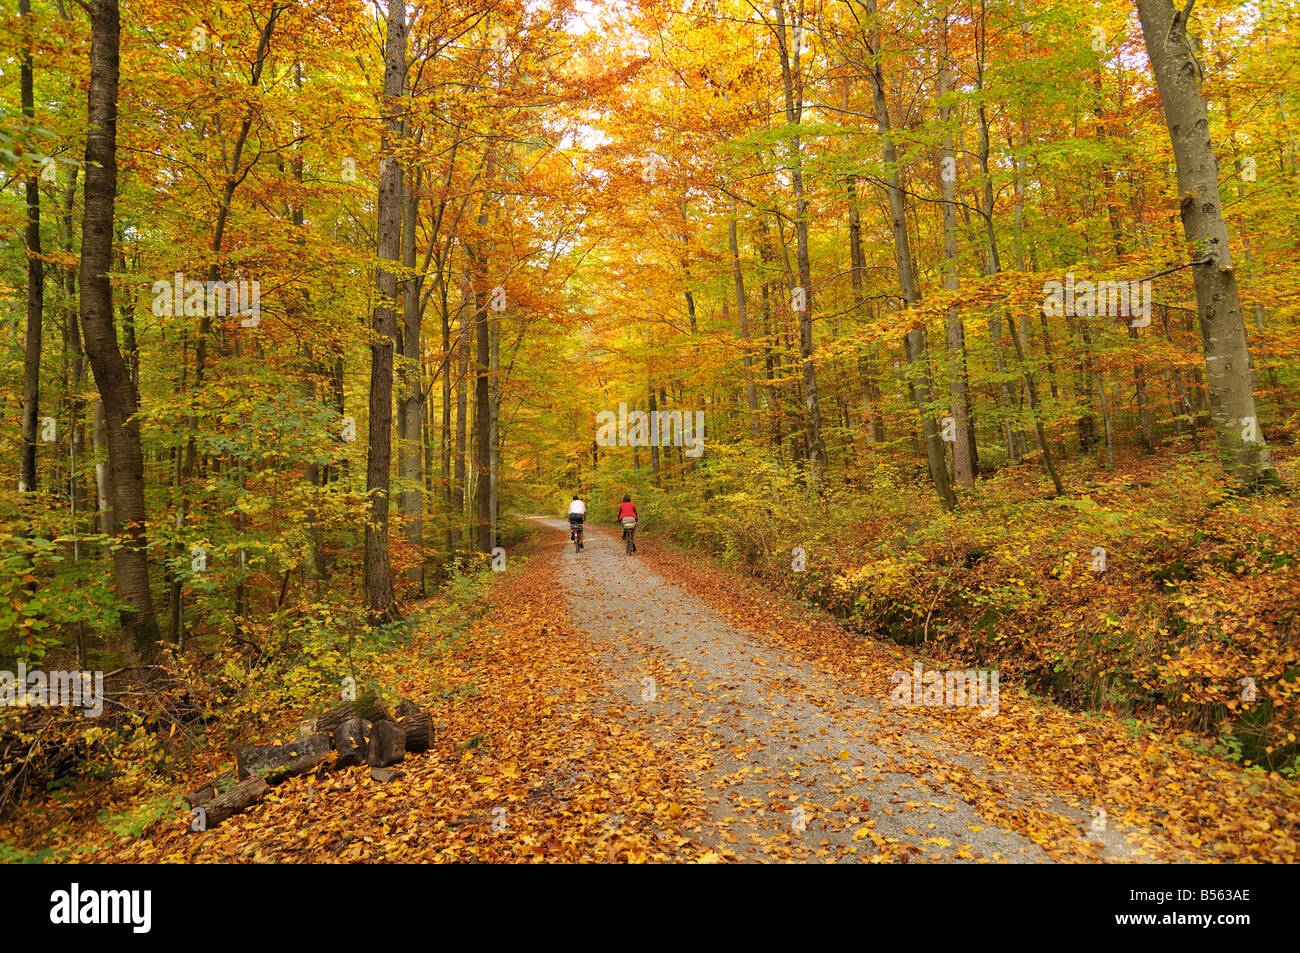 Forest in autumn near Dettenhausen, Naturpark Schönbuch, Baden-Württemberg, Germany - Stock Image